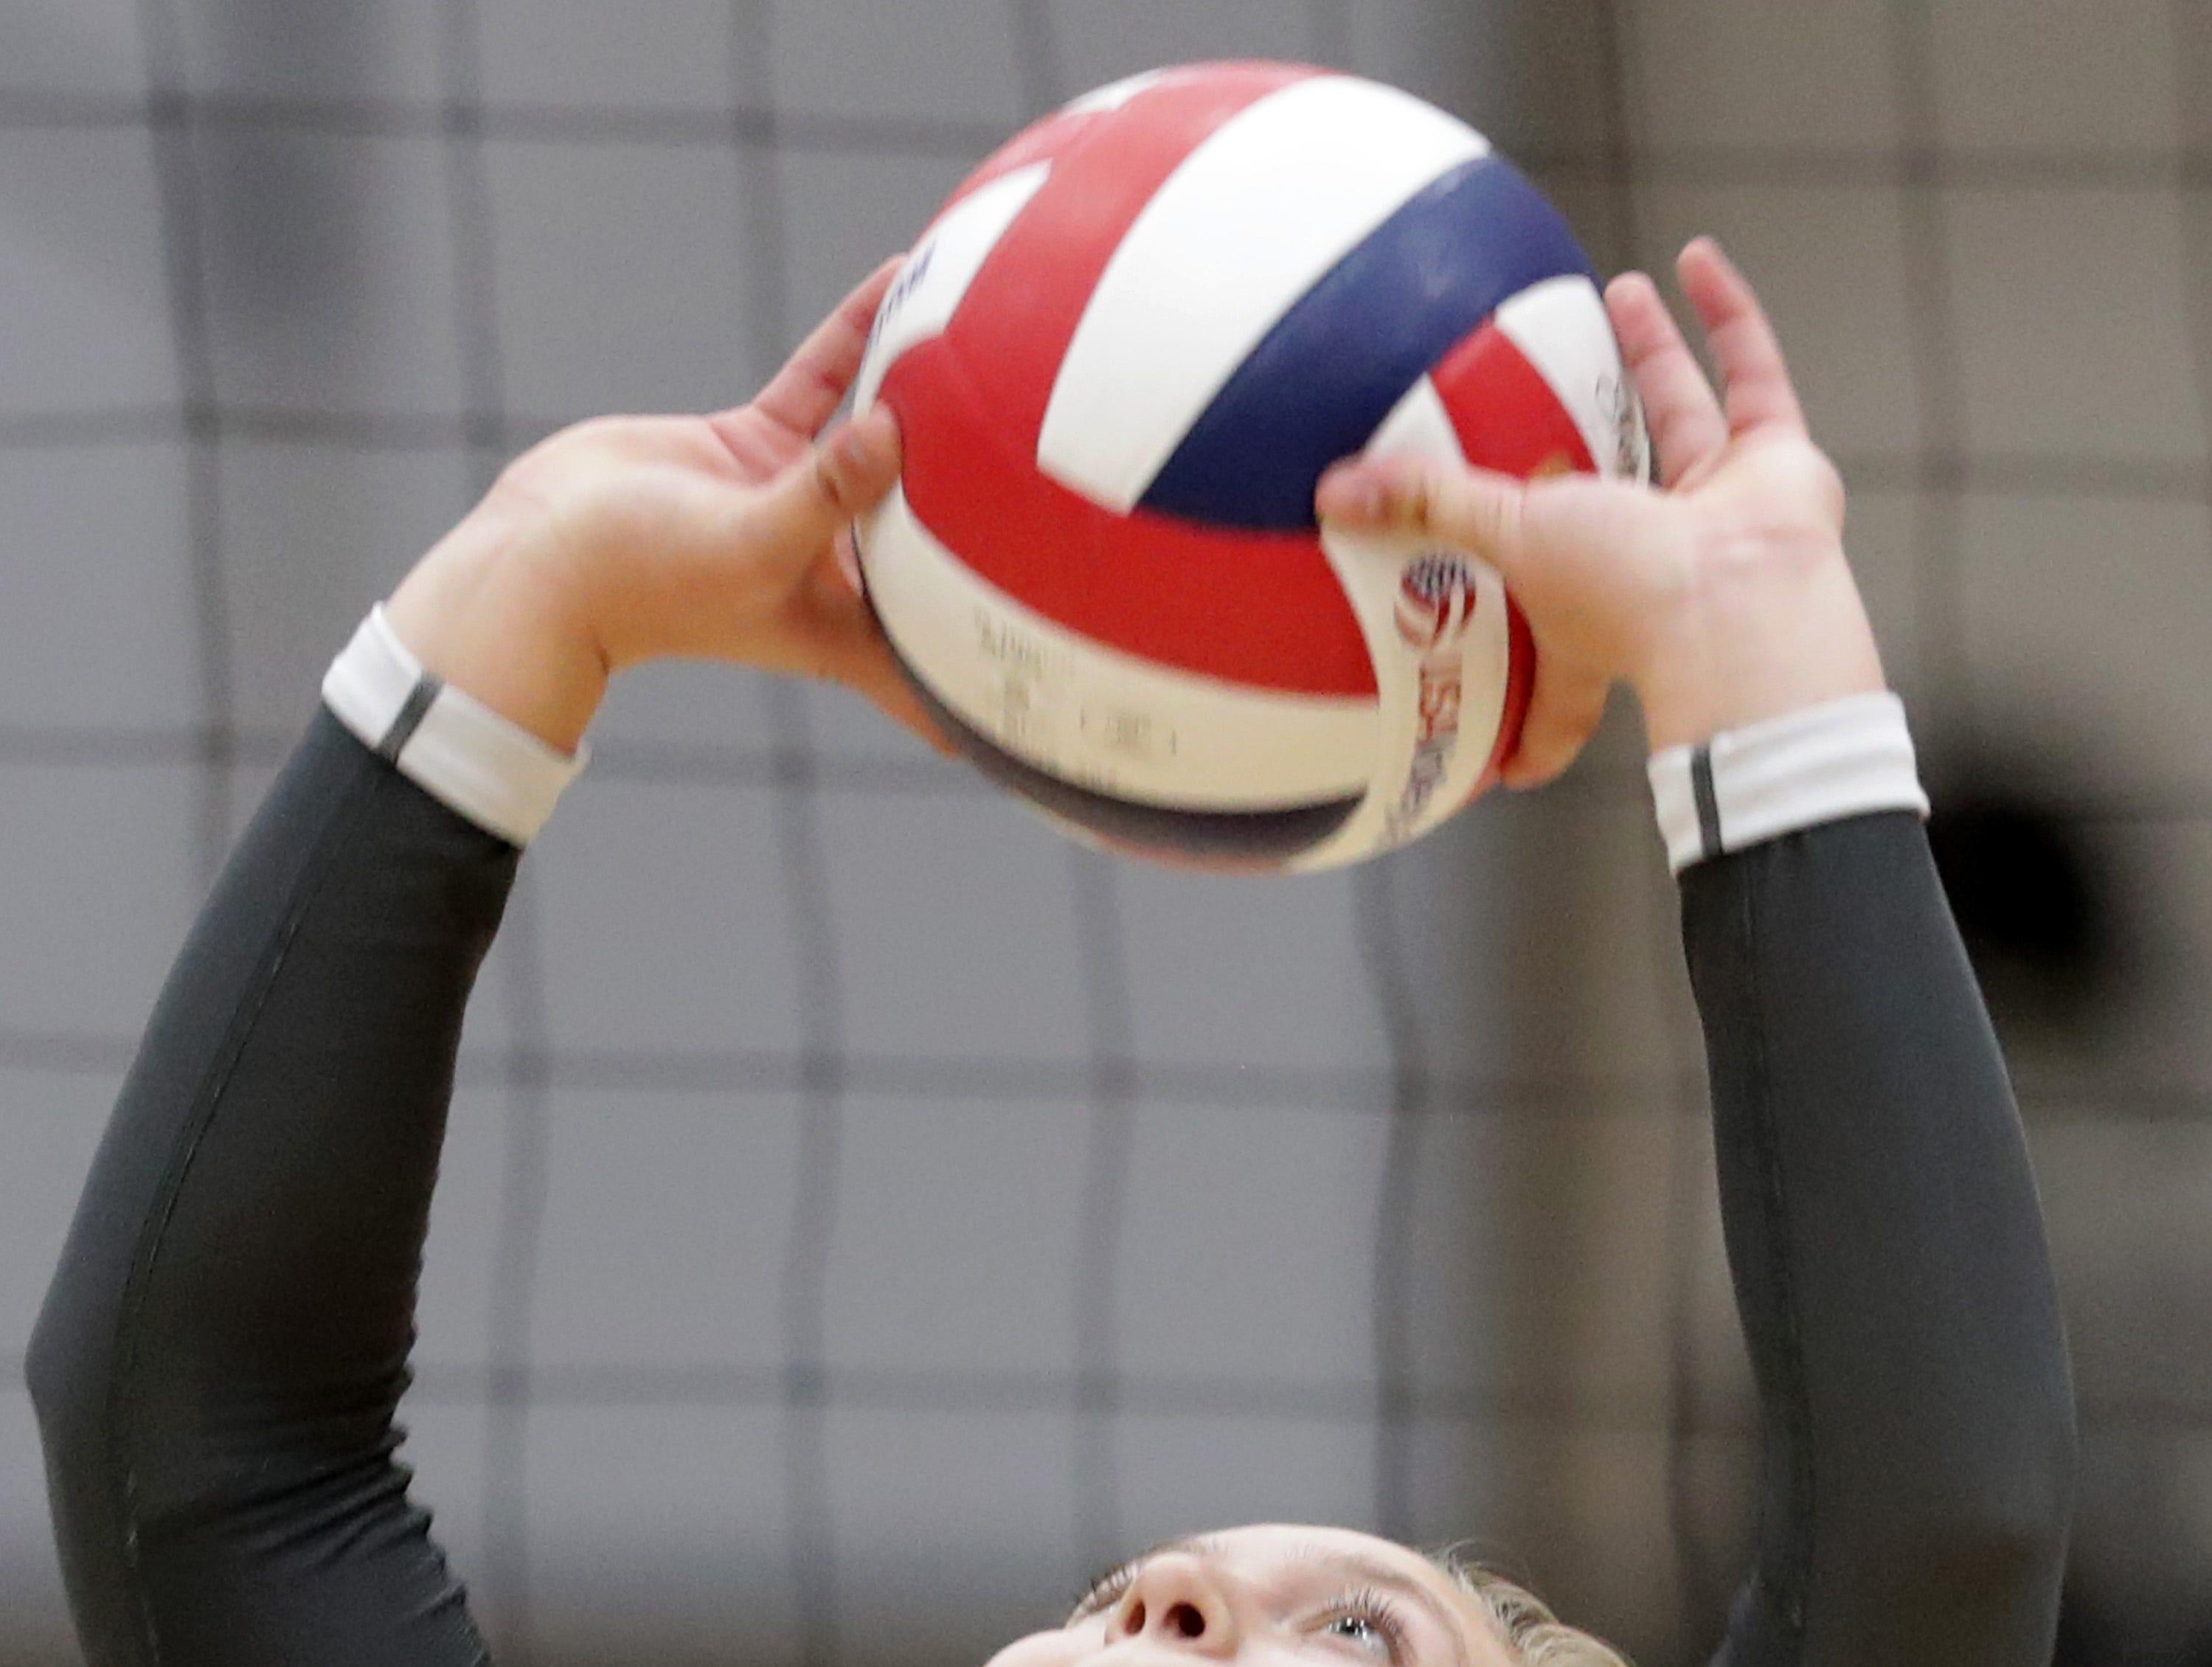 Kaukauna High School's #10 Vannessa Uitenbroek against Appleton East High School during their girls volleyball game on Thursday, October 11, 2018, in Kaukauna, Wis. Wm. Glasheen/USA TODAY NETWORK-Wisconsin.